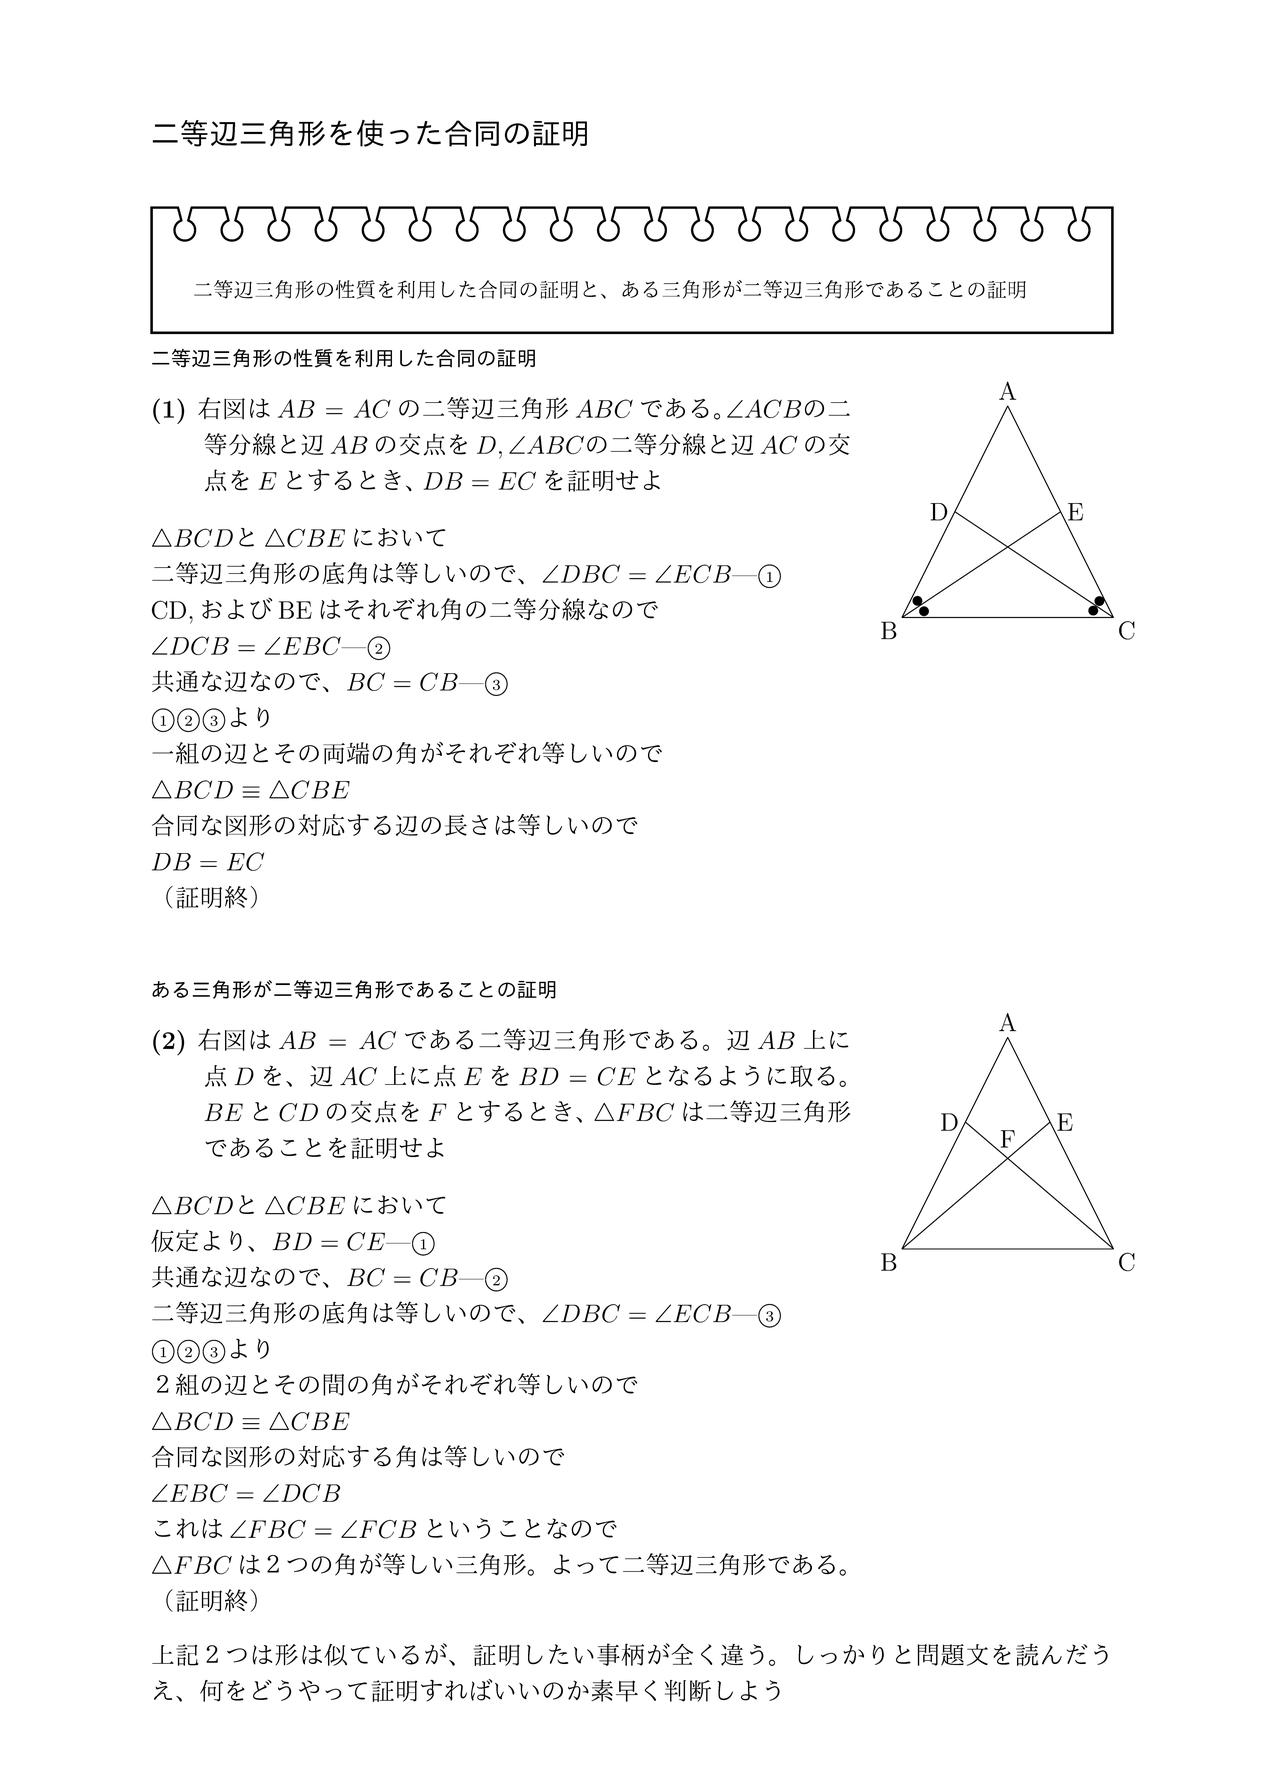 二等辺三角形の性質を利用した合同の証明